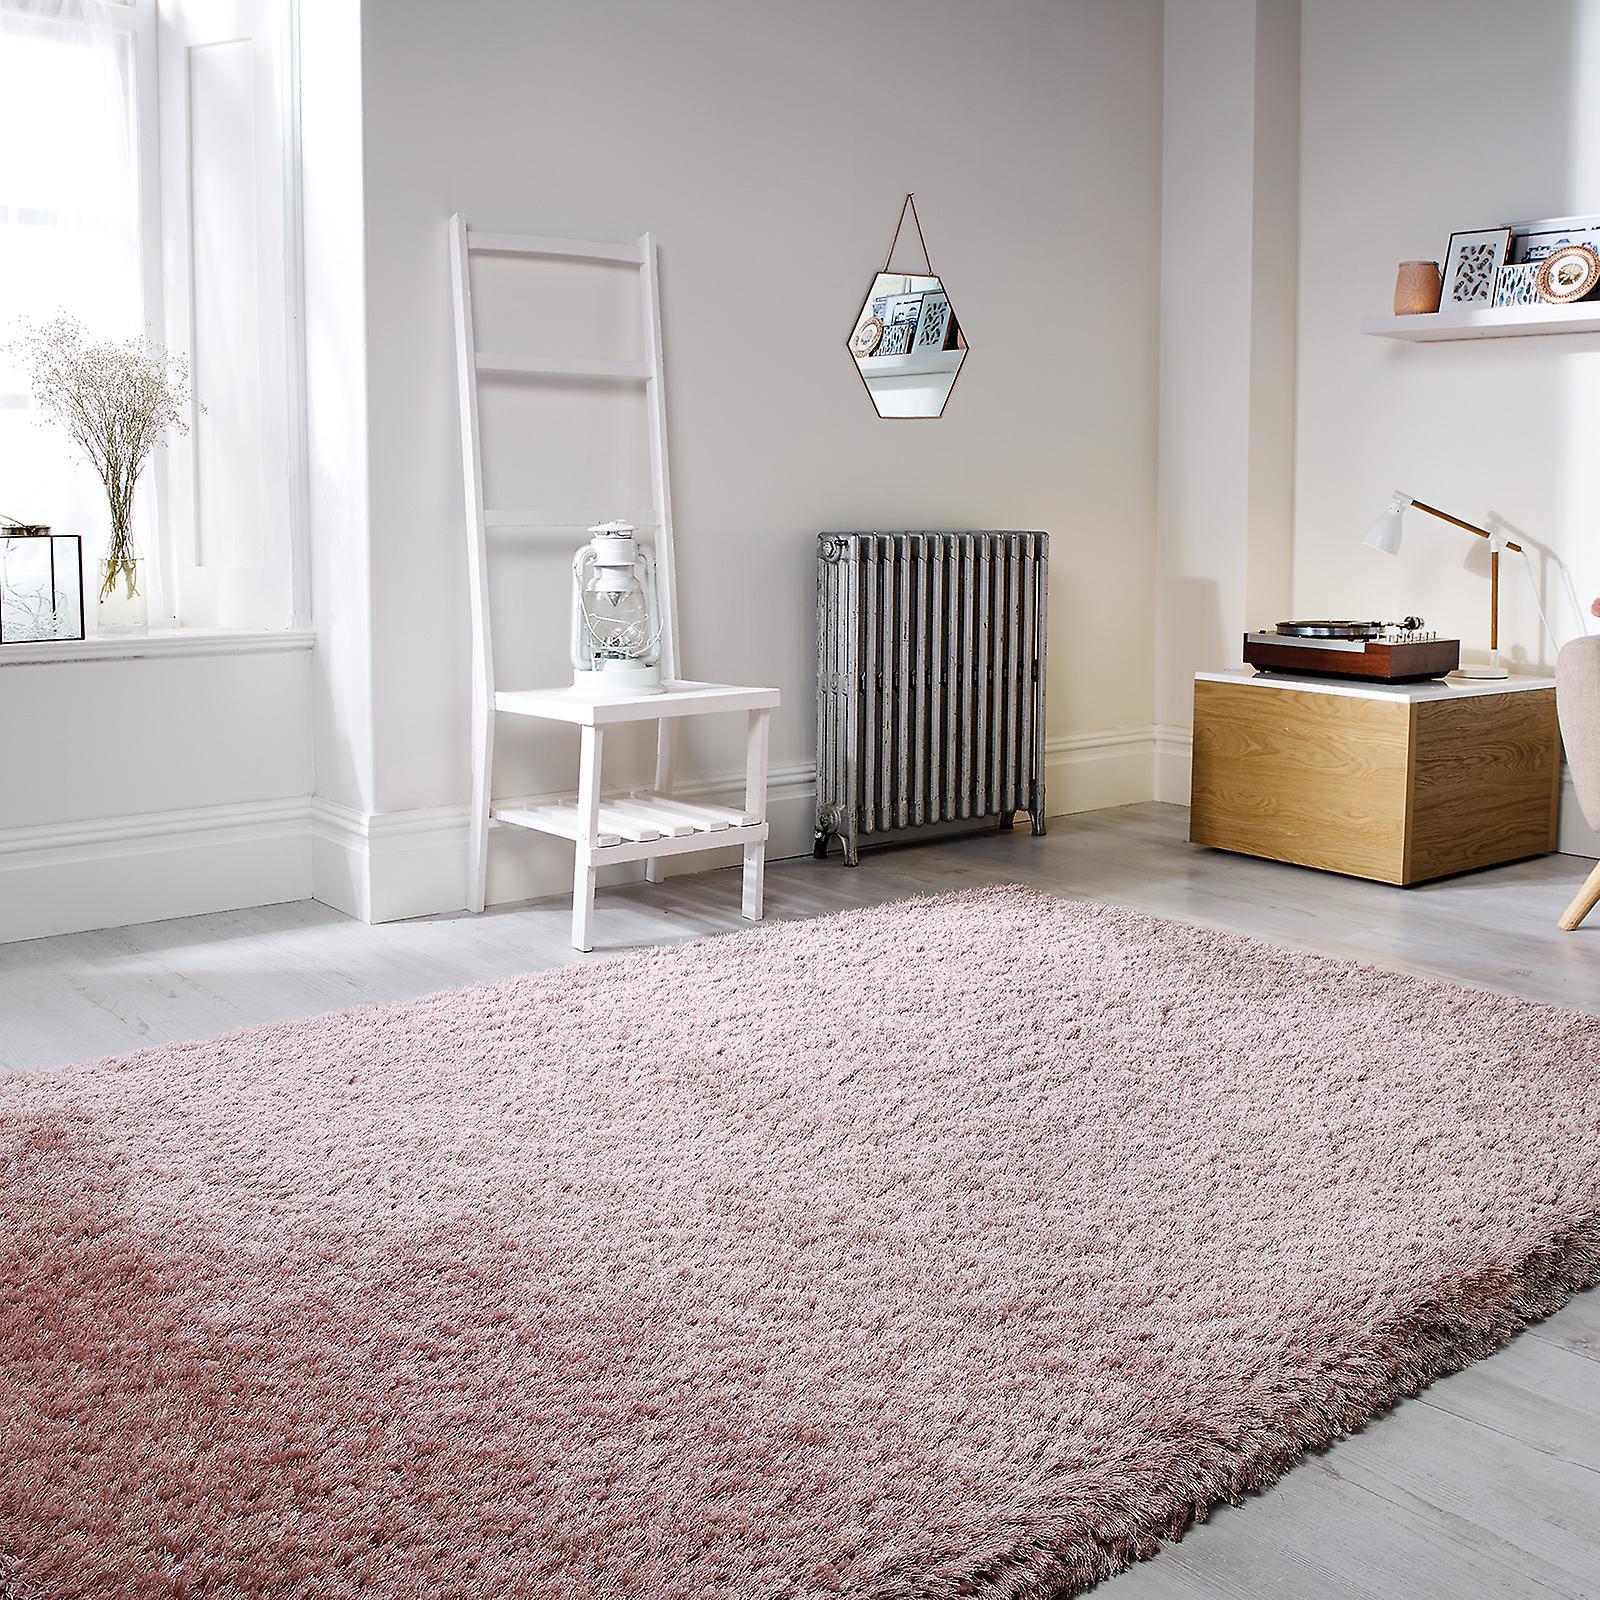 Perla alfombras Shaggy en color rosa oscuro | Fruugo ES